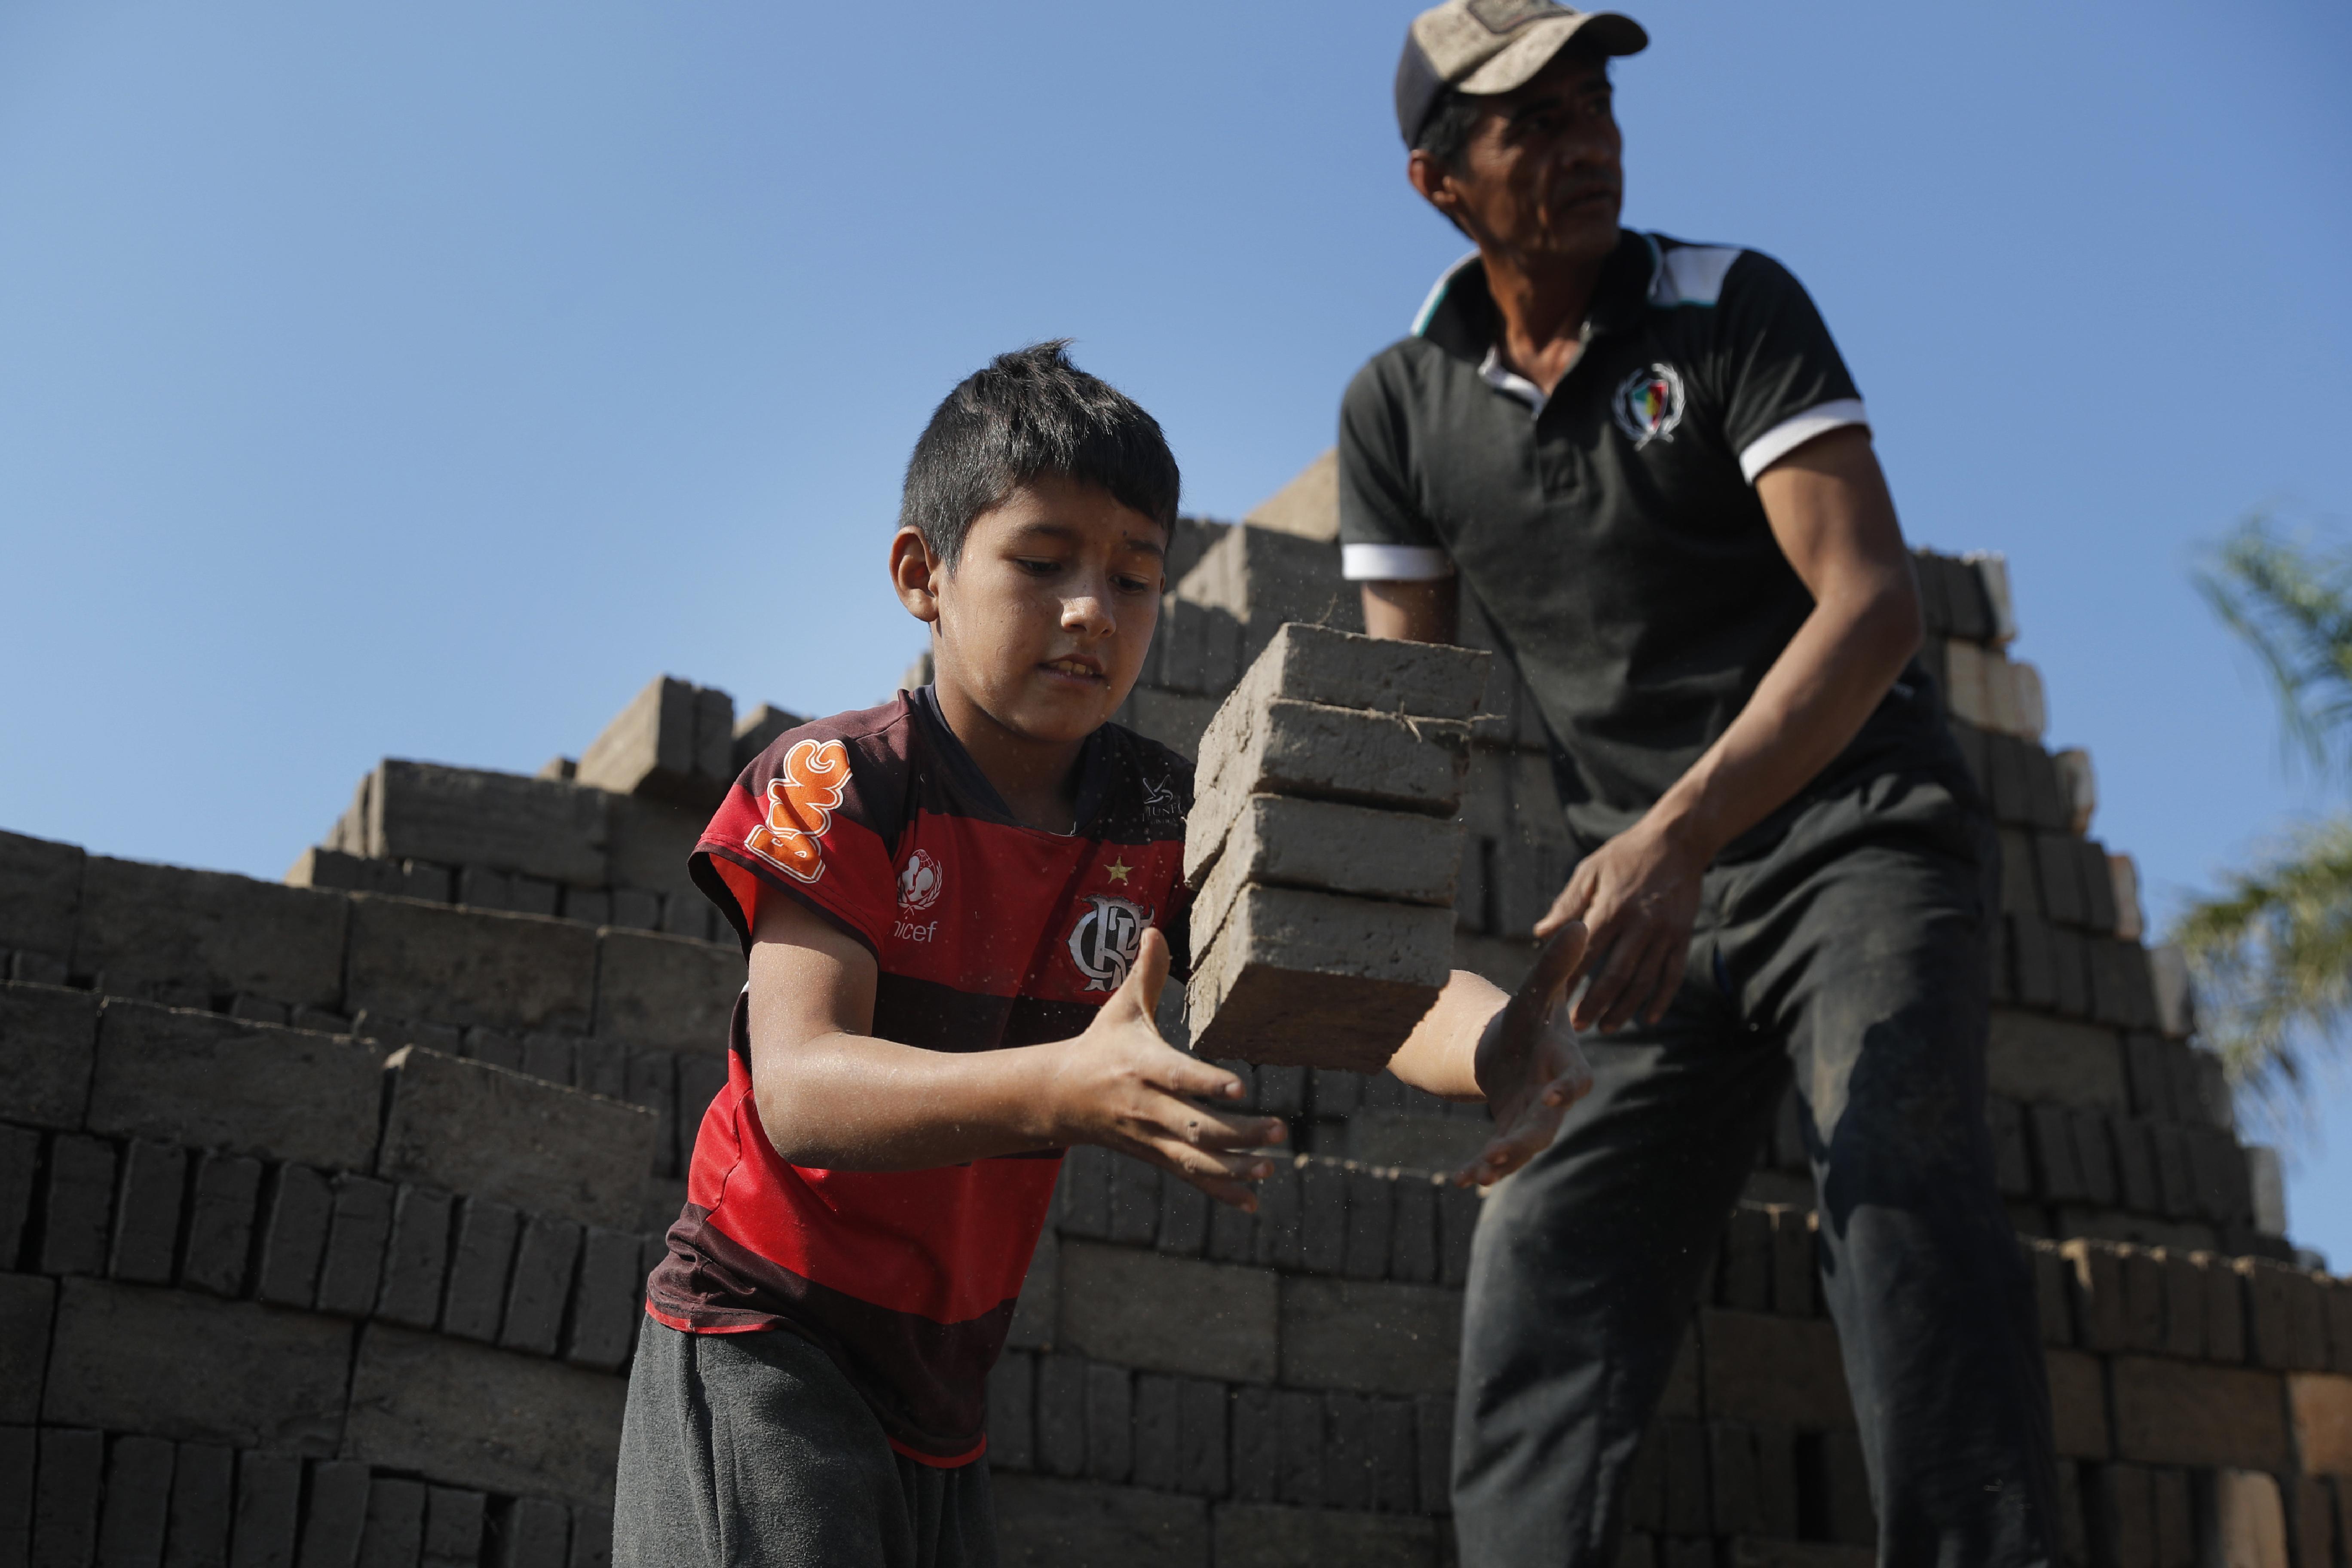 Alejandro, de 9 años, atrapa ladrillos para entregárselos a un hombre que los mete en el horno en una fábrica de ladrillos dirigida por sus tíos en Tobati, Paraguay, el lunes 31 de agosto de 2020.